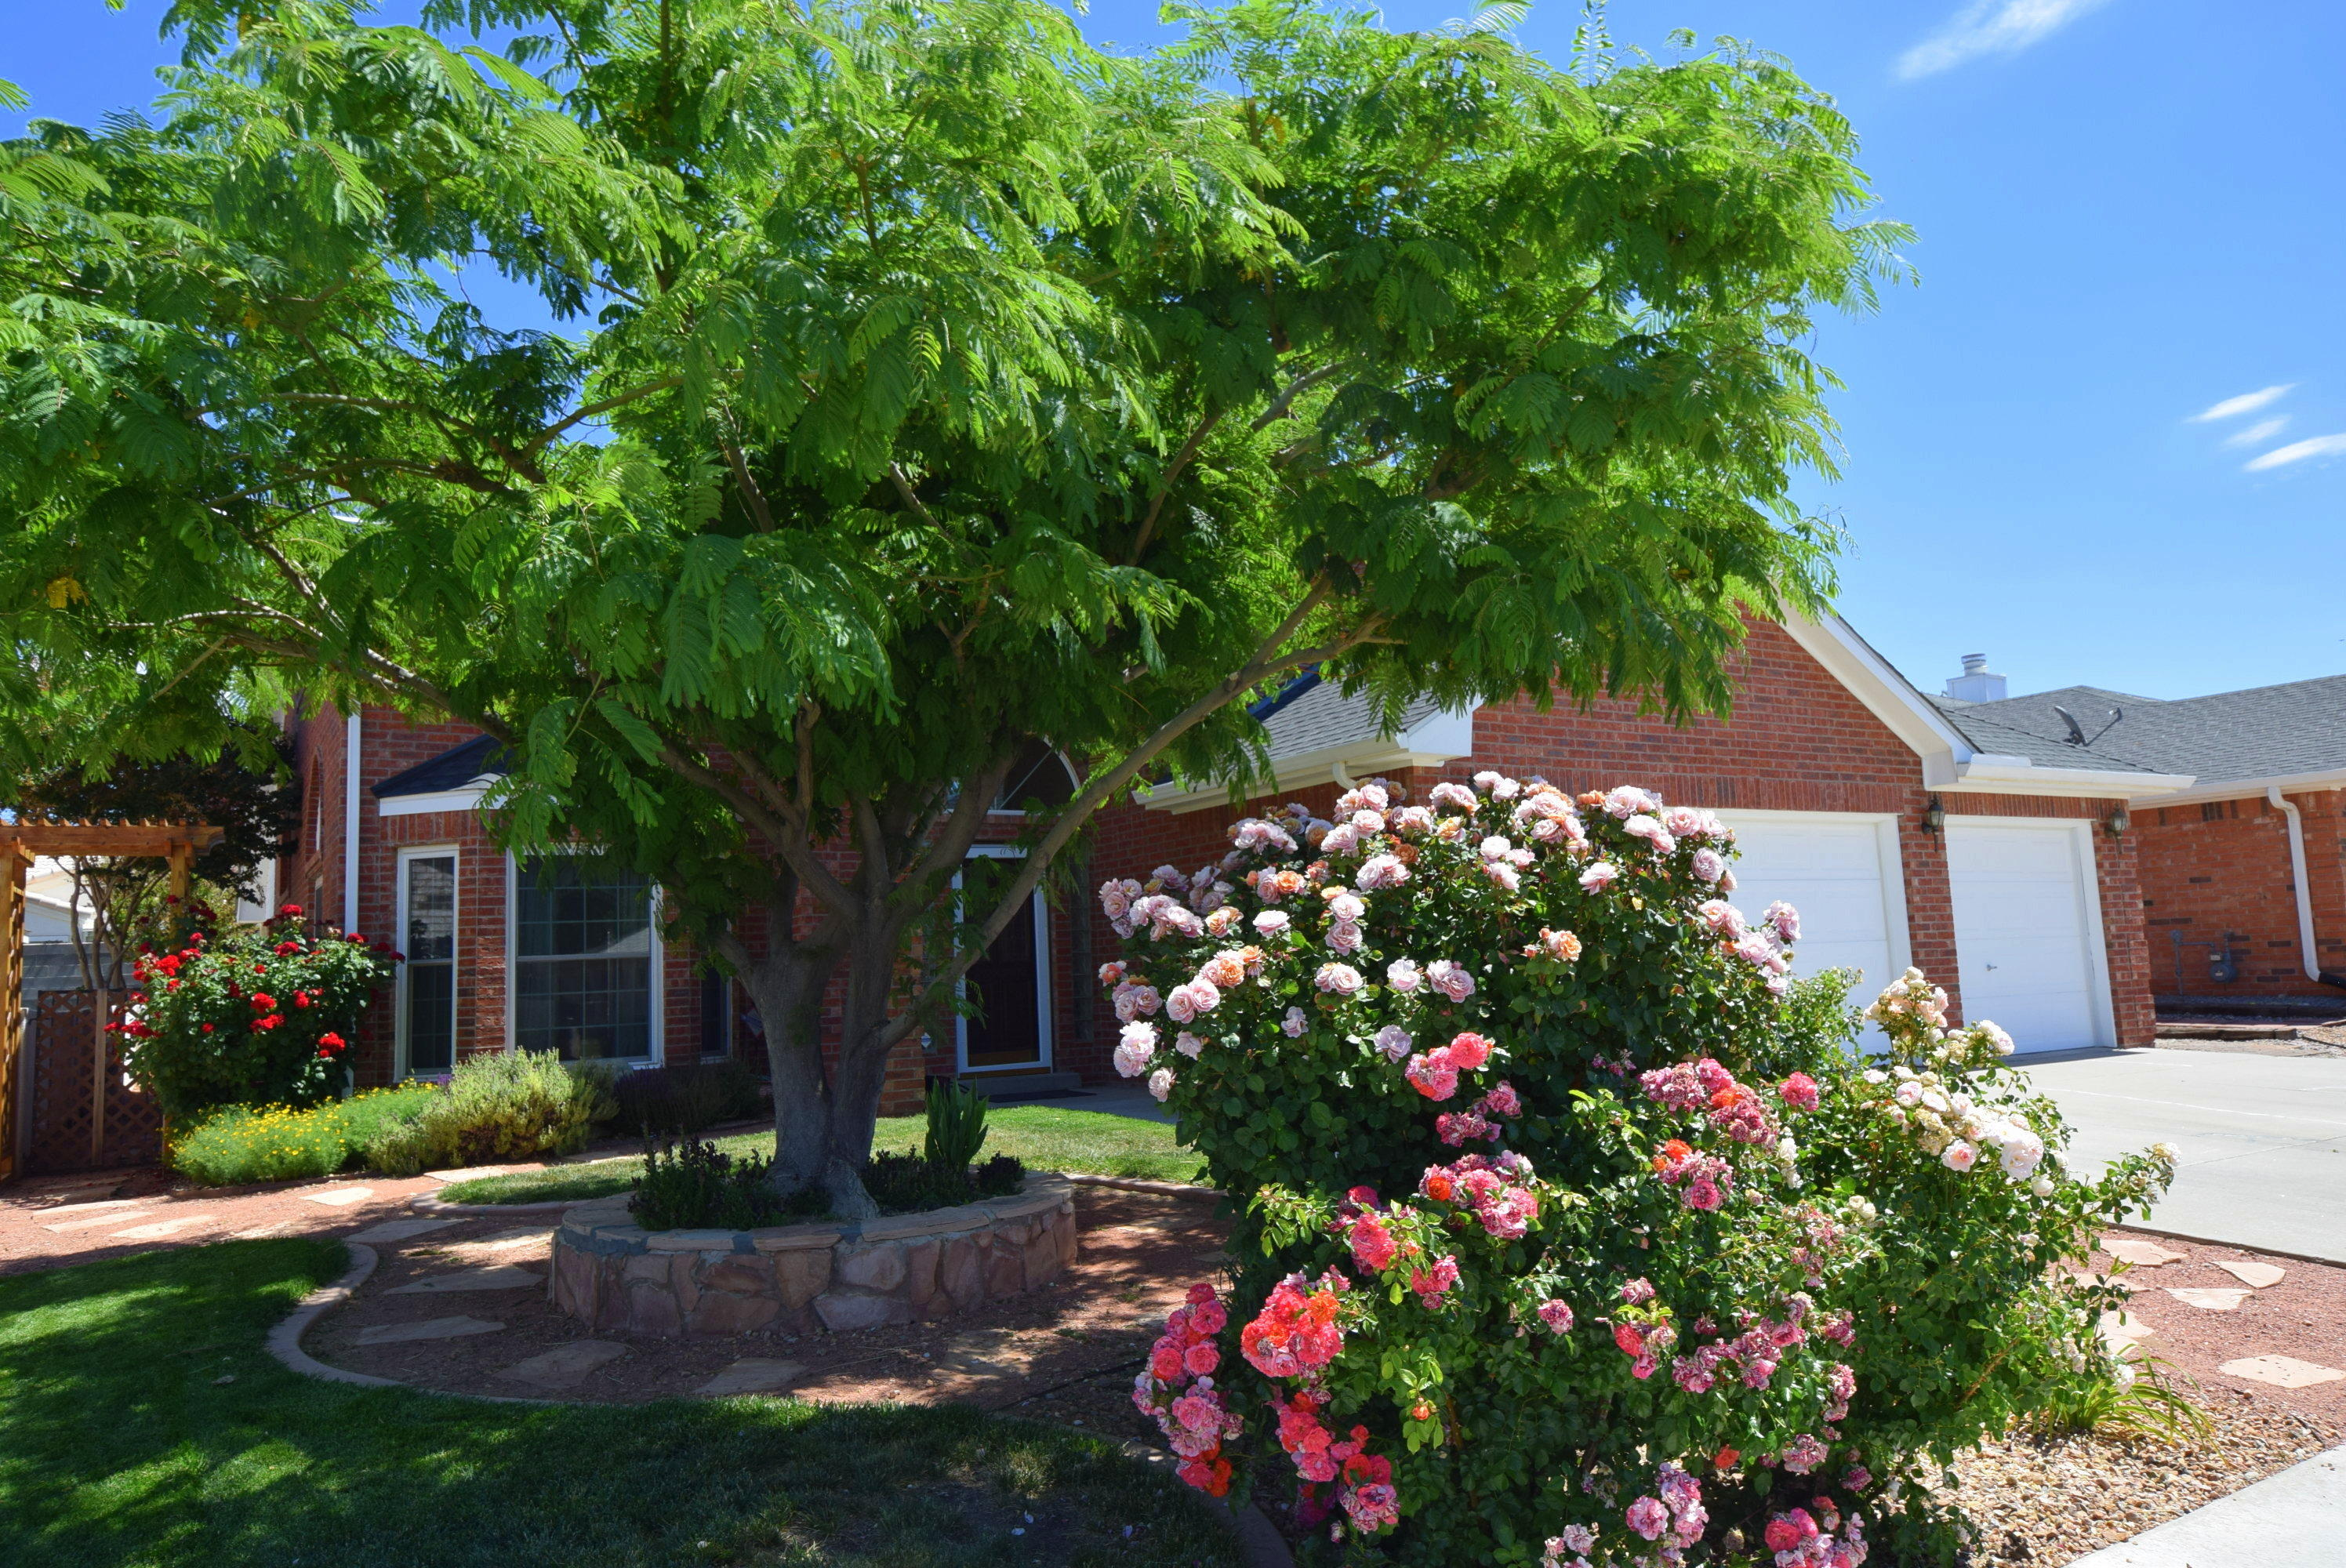 11603 Herman Roser Avenue SE, Albuquerque, NM 87123 - Albuquerque, NM real estate listing